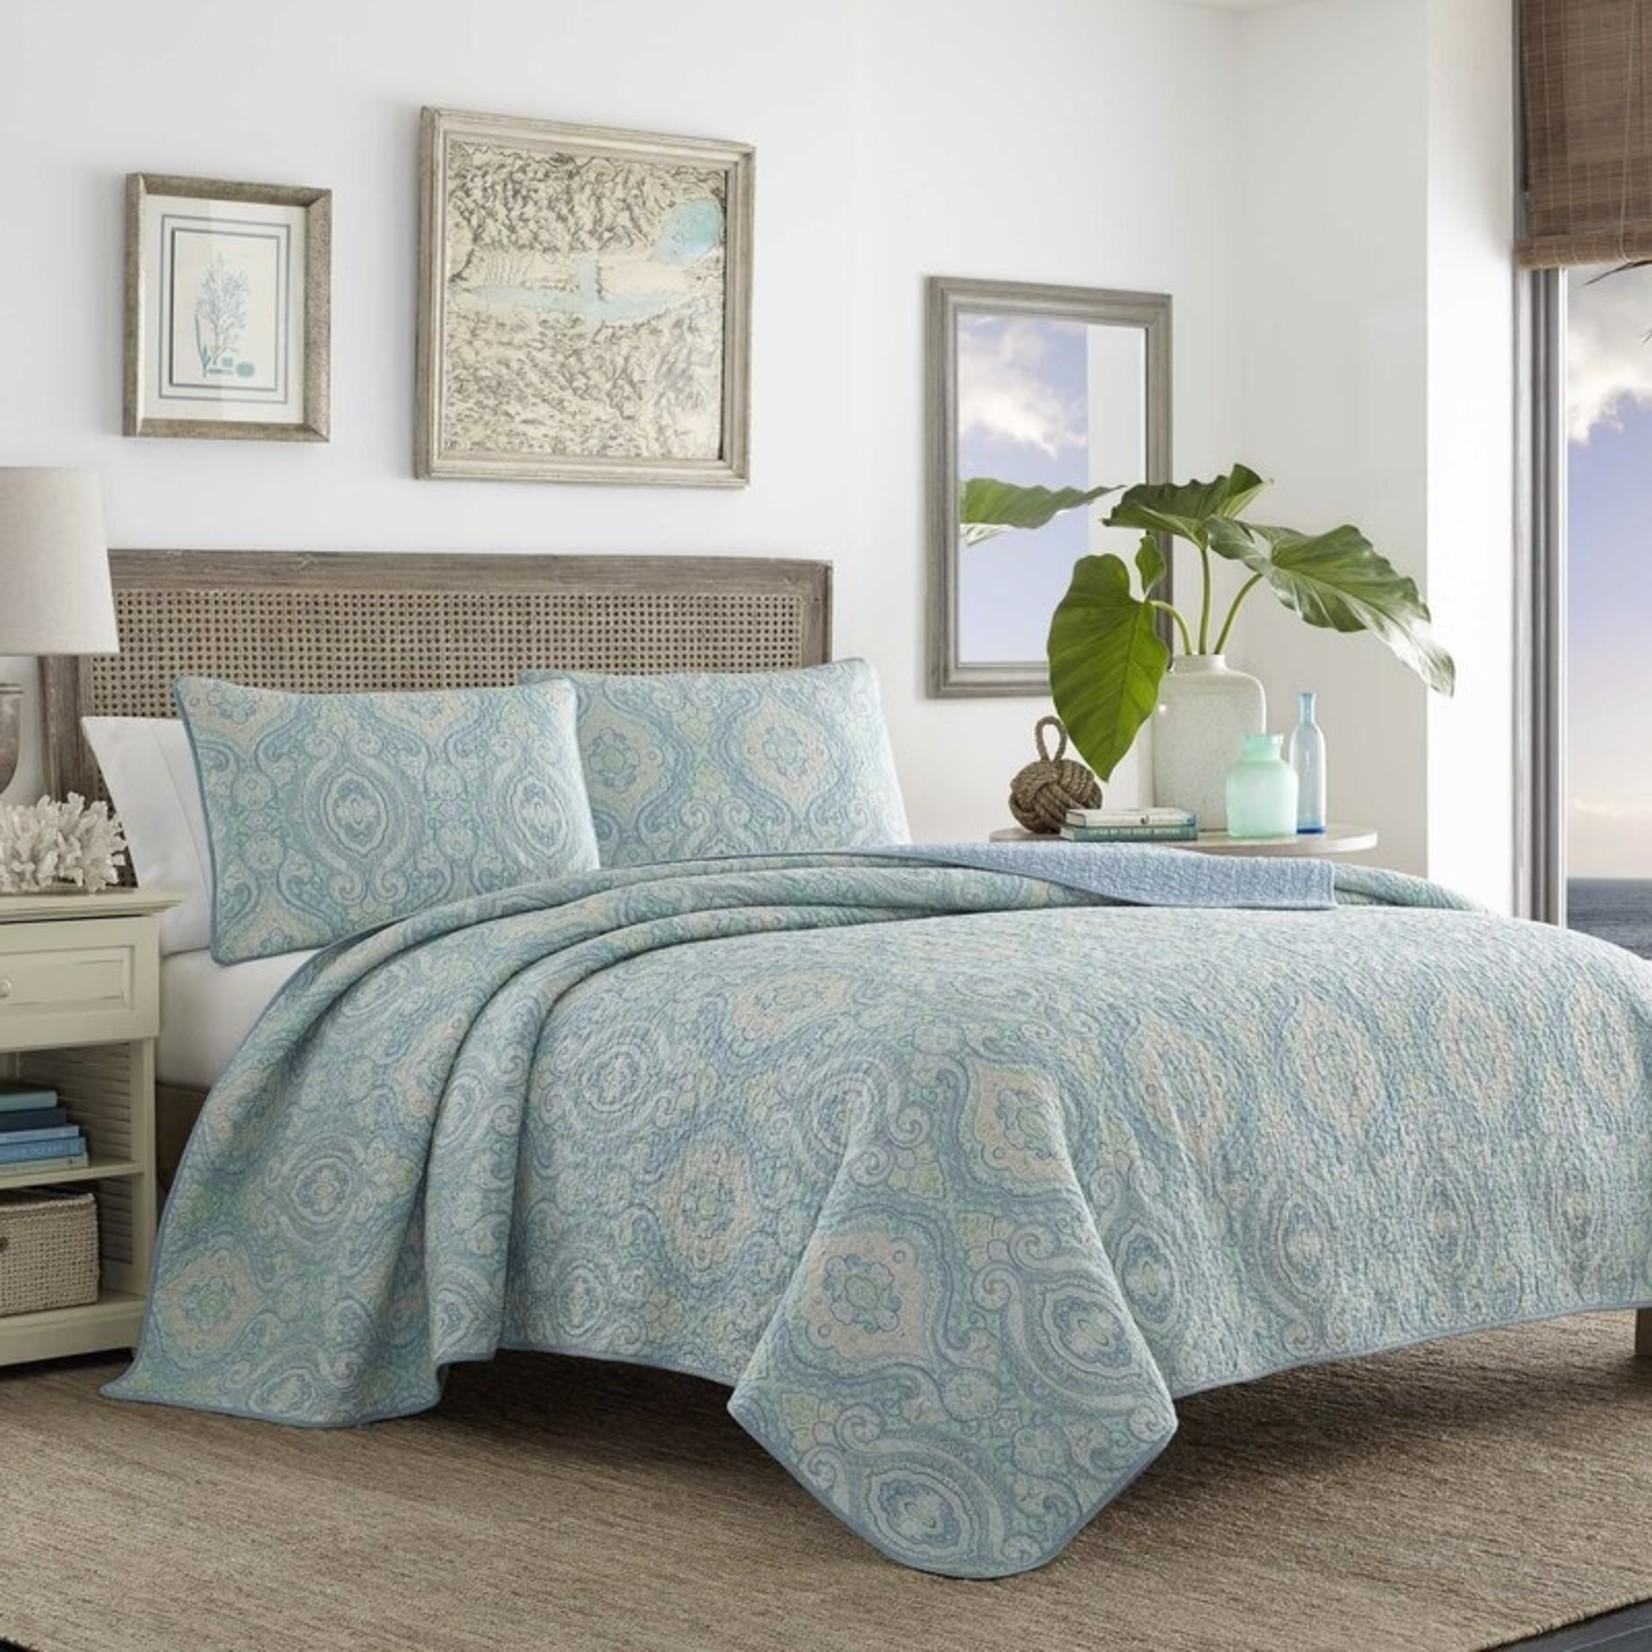 *King - Turtle Cove Reversible Geometric 100% Cotton 2 Piece Quilt Set - Final Sale